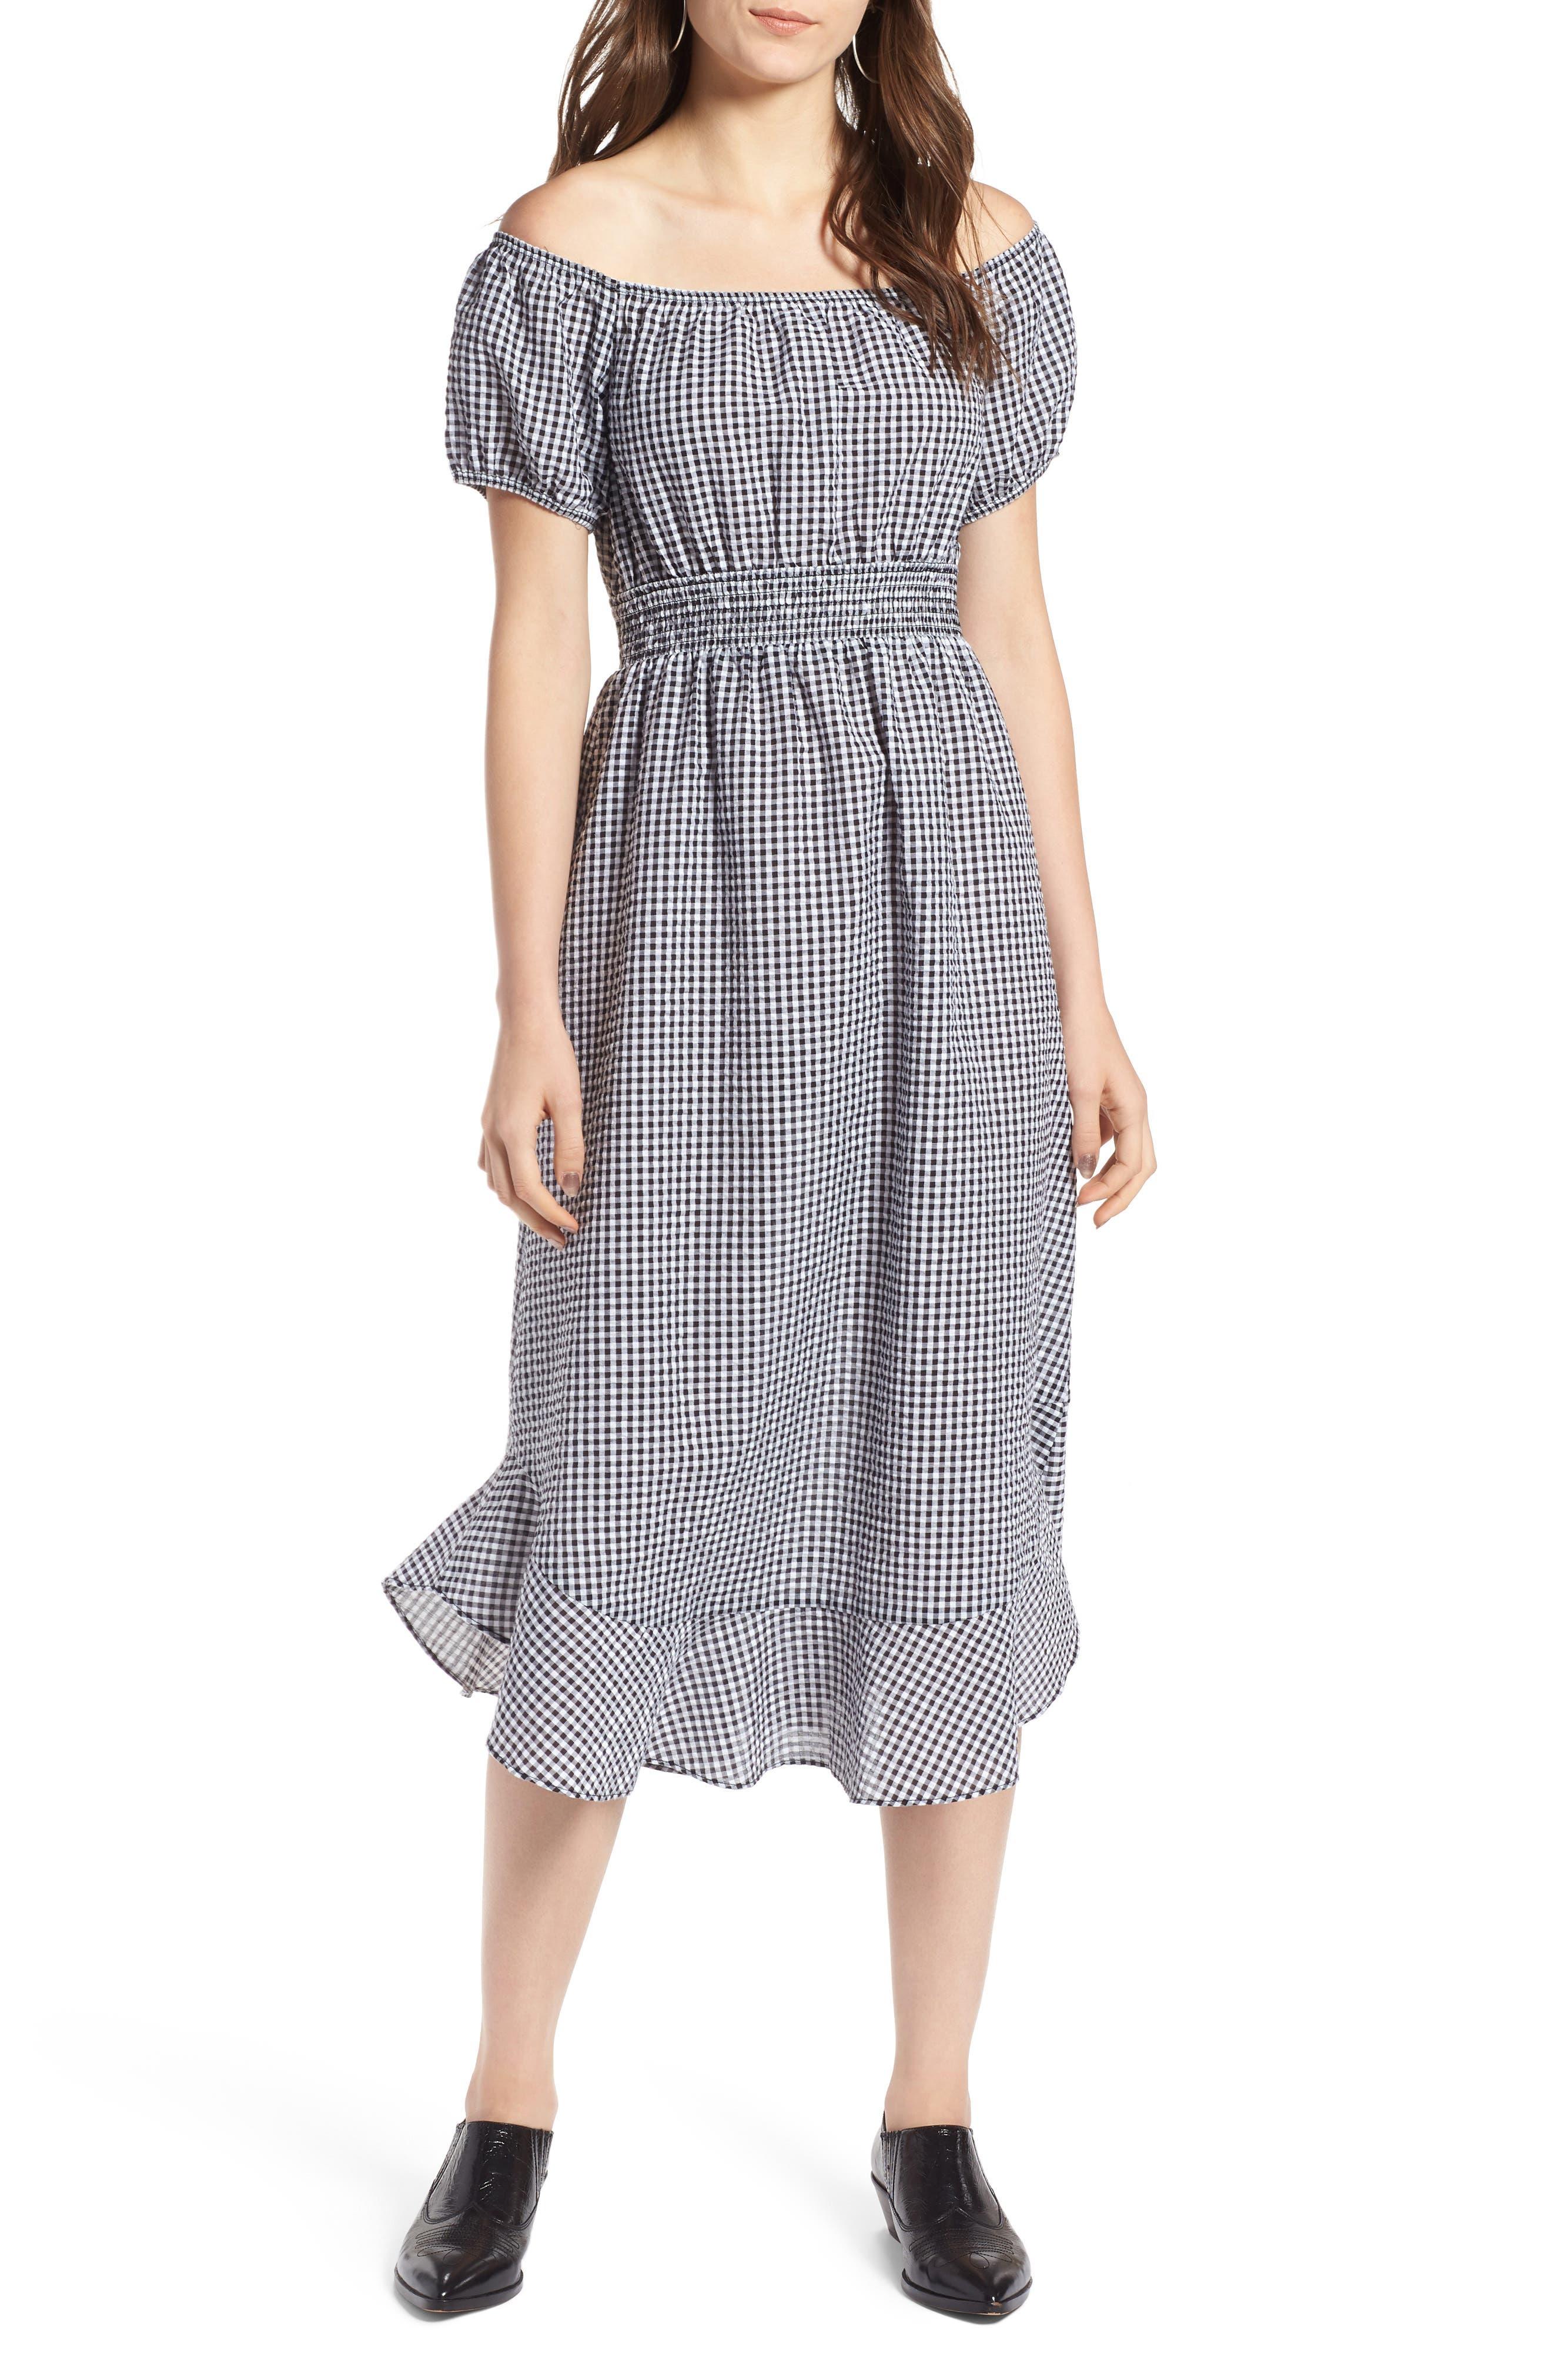 Gingham Off the Shoulder Dress,                         Main,                         color, Black White Gingham